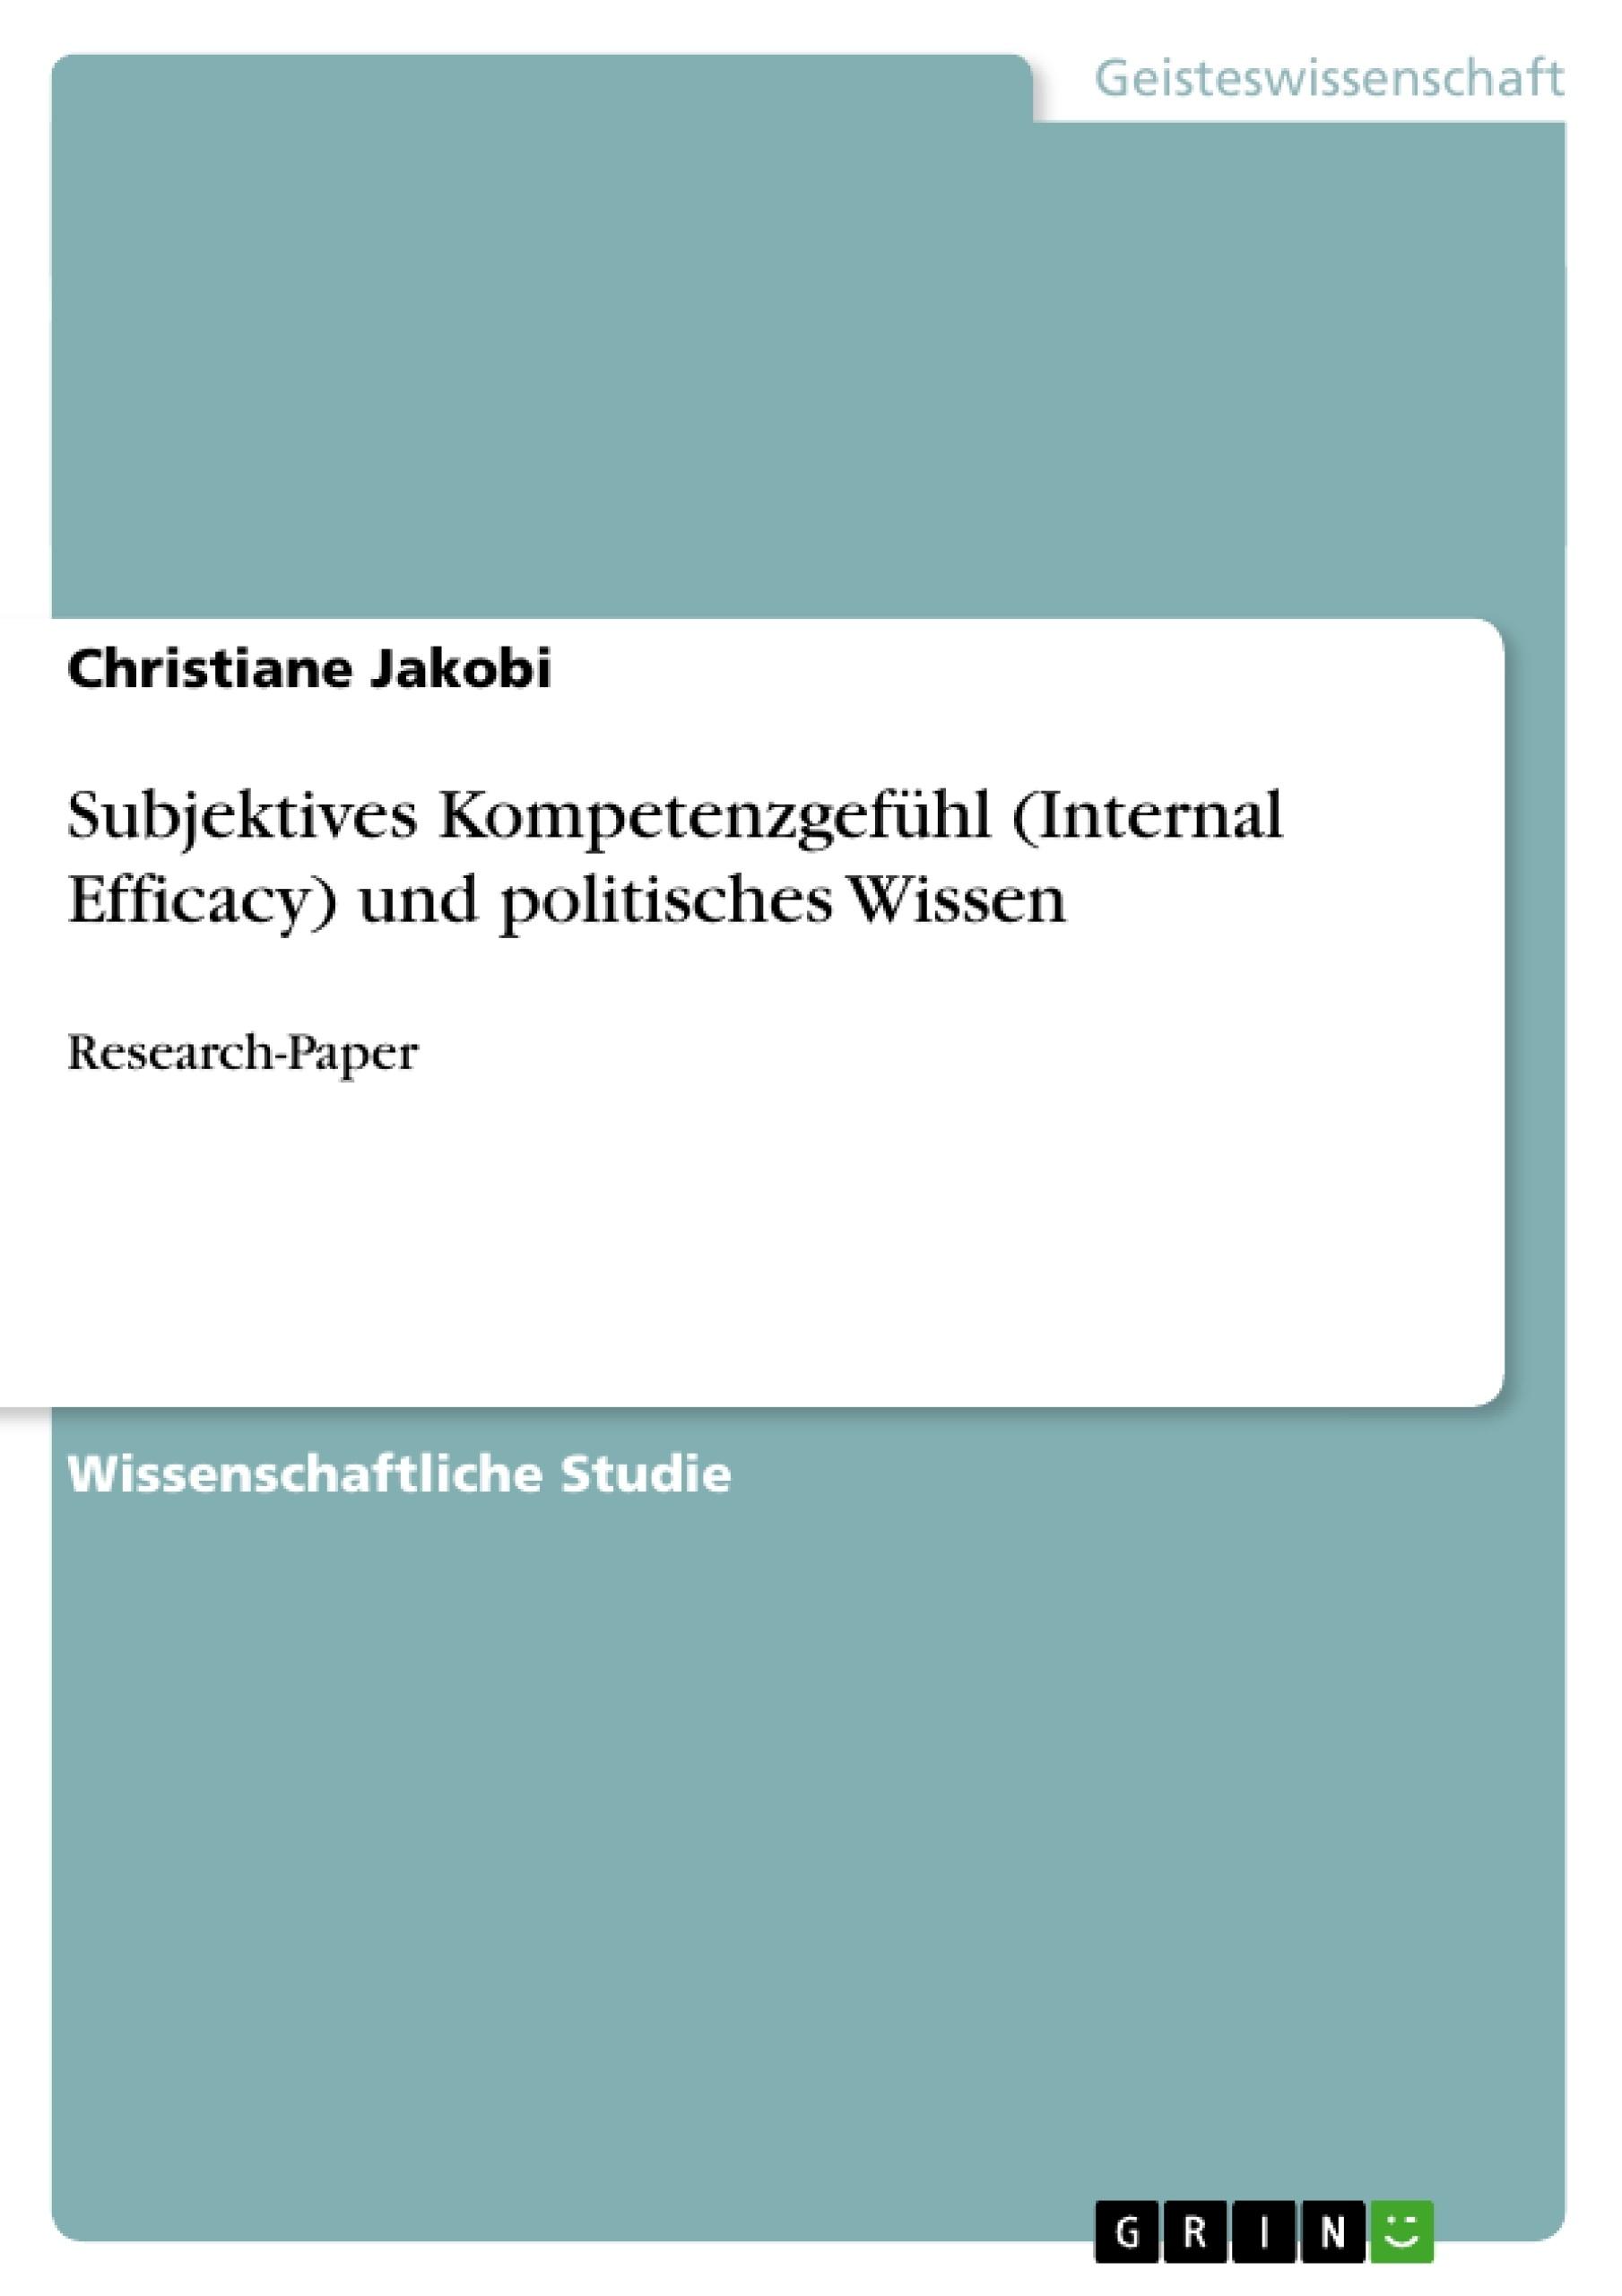 Titel: Subjektives Kompetenzgefühl (Internal Efficacy) und politisches Wissen